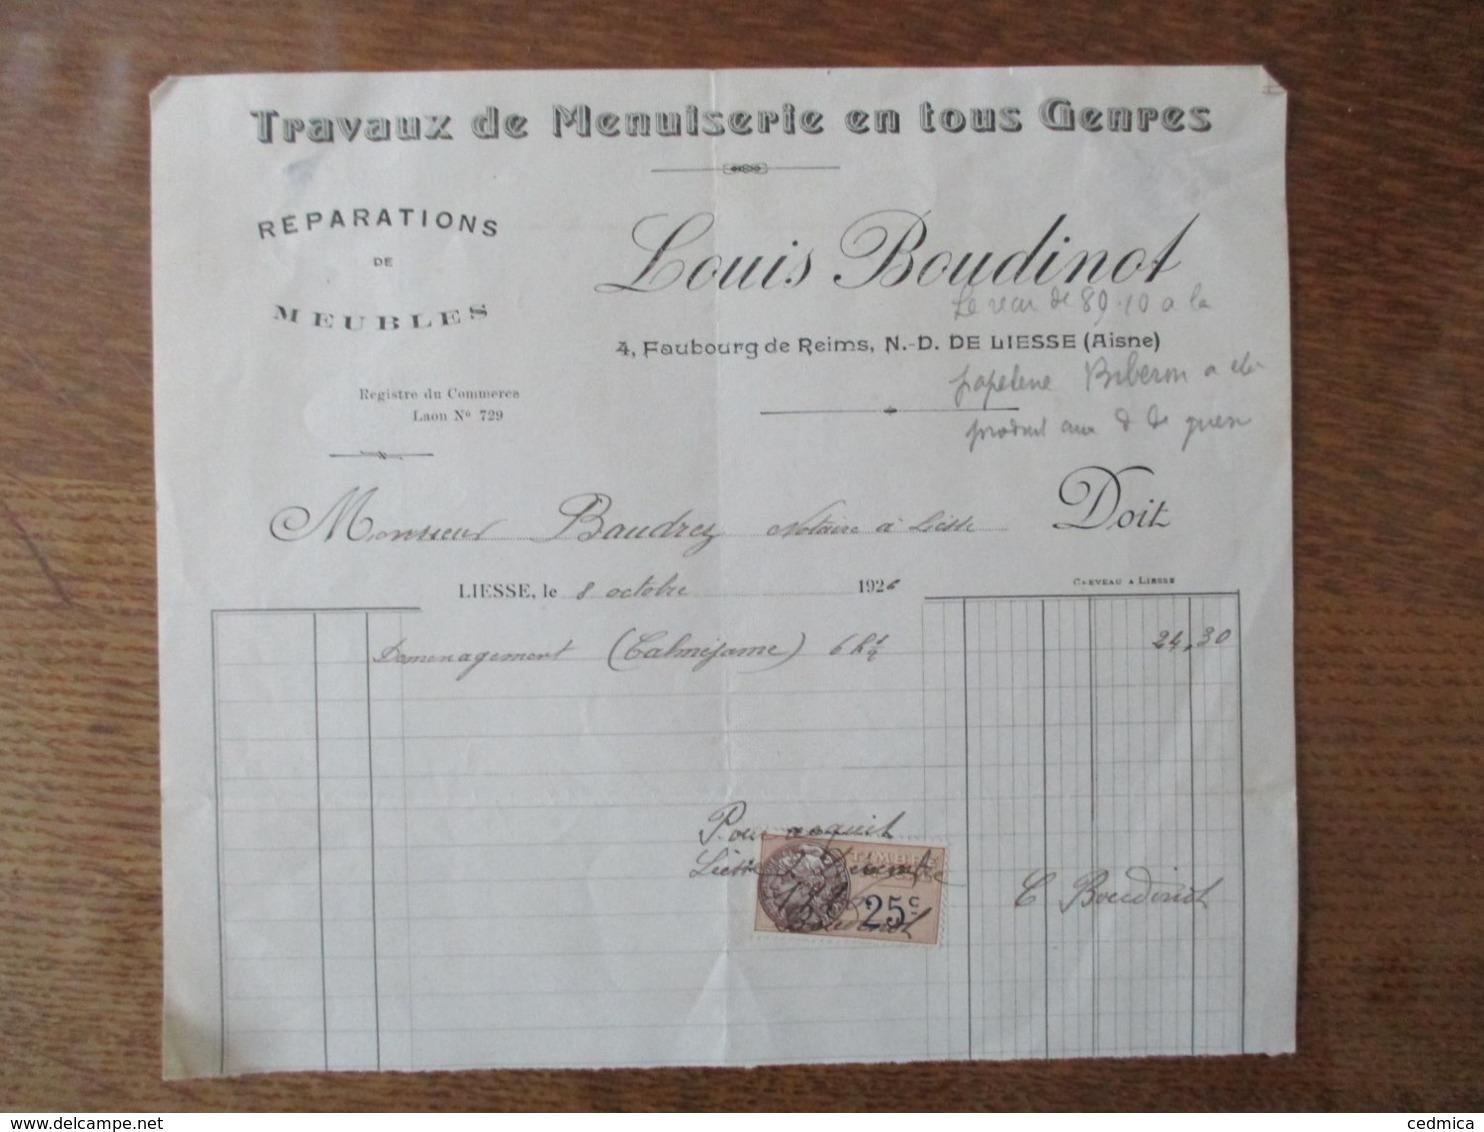 N.D. DE LIESSE AISNE LOUIS BOUDINOT TRAVAUX DE MENUISERIE 4 FAUBOURG DE REIMS FACTURE DU 8 OCTOBRE 1926 - France